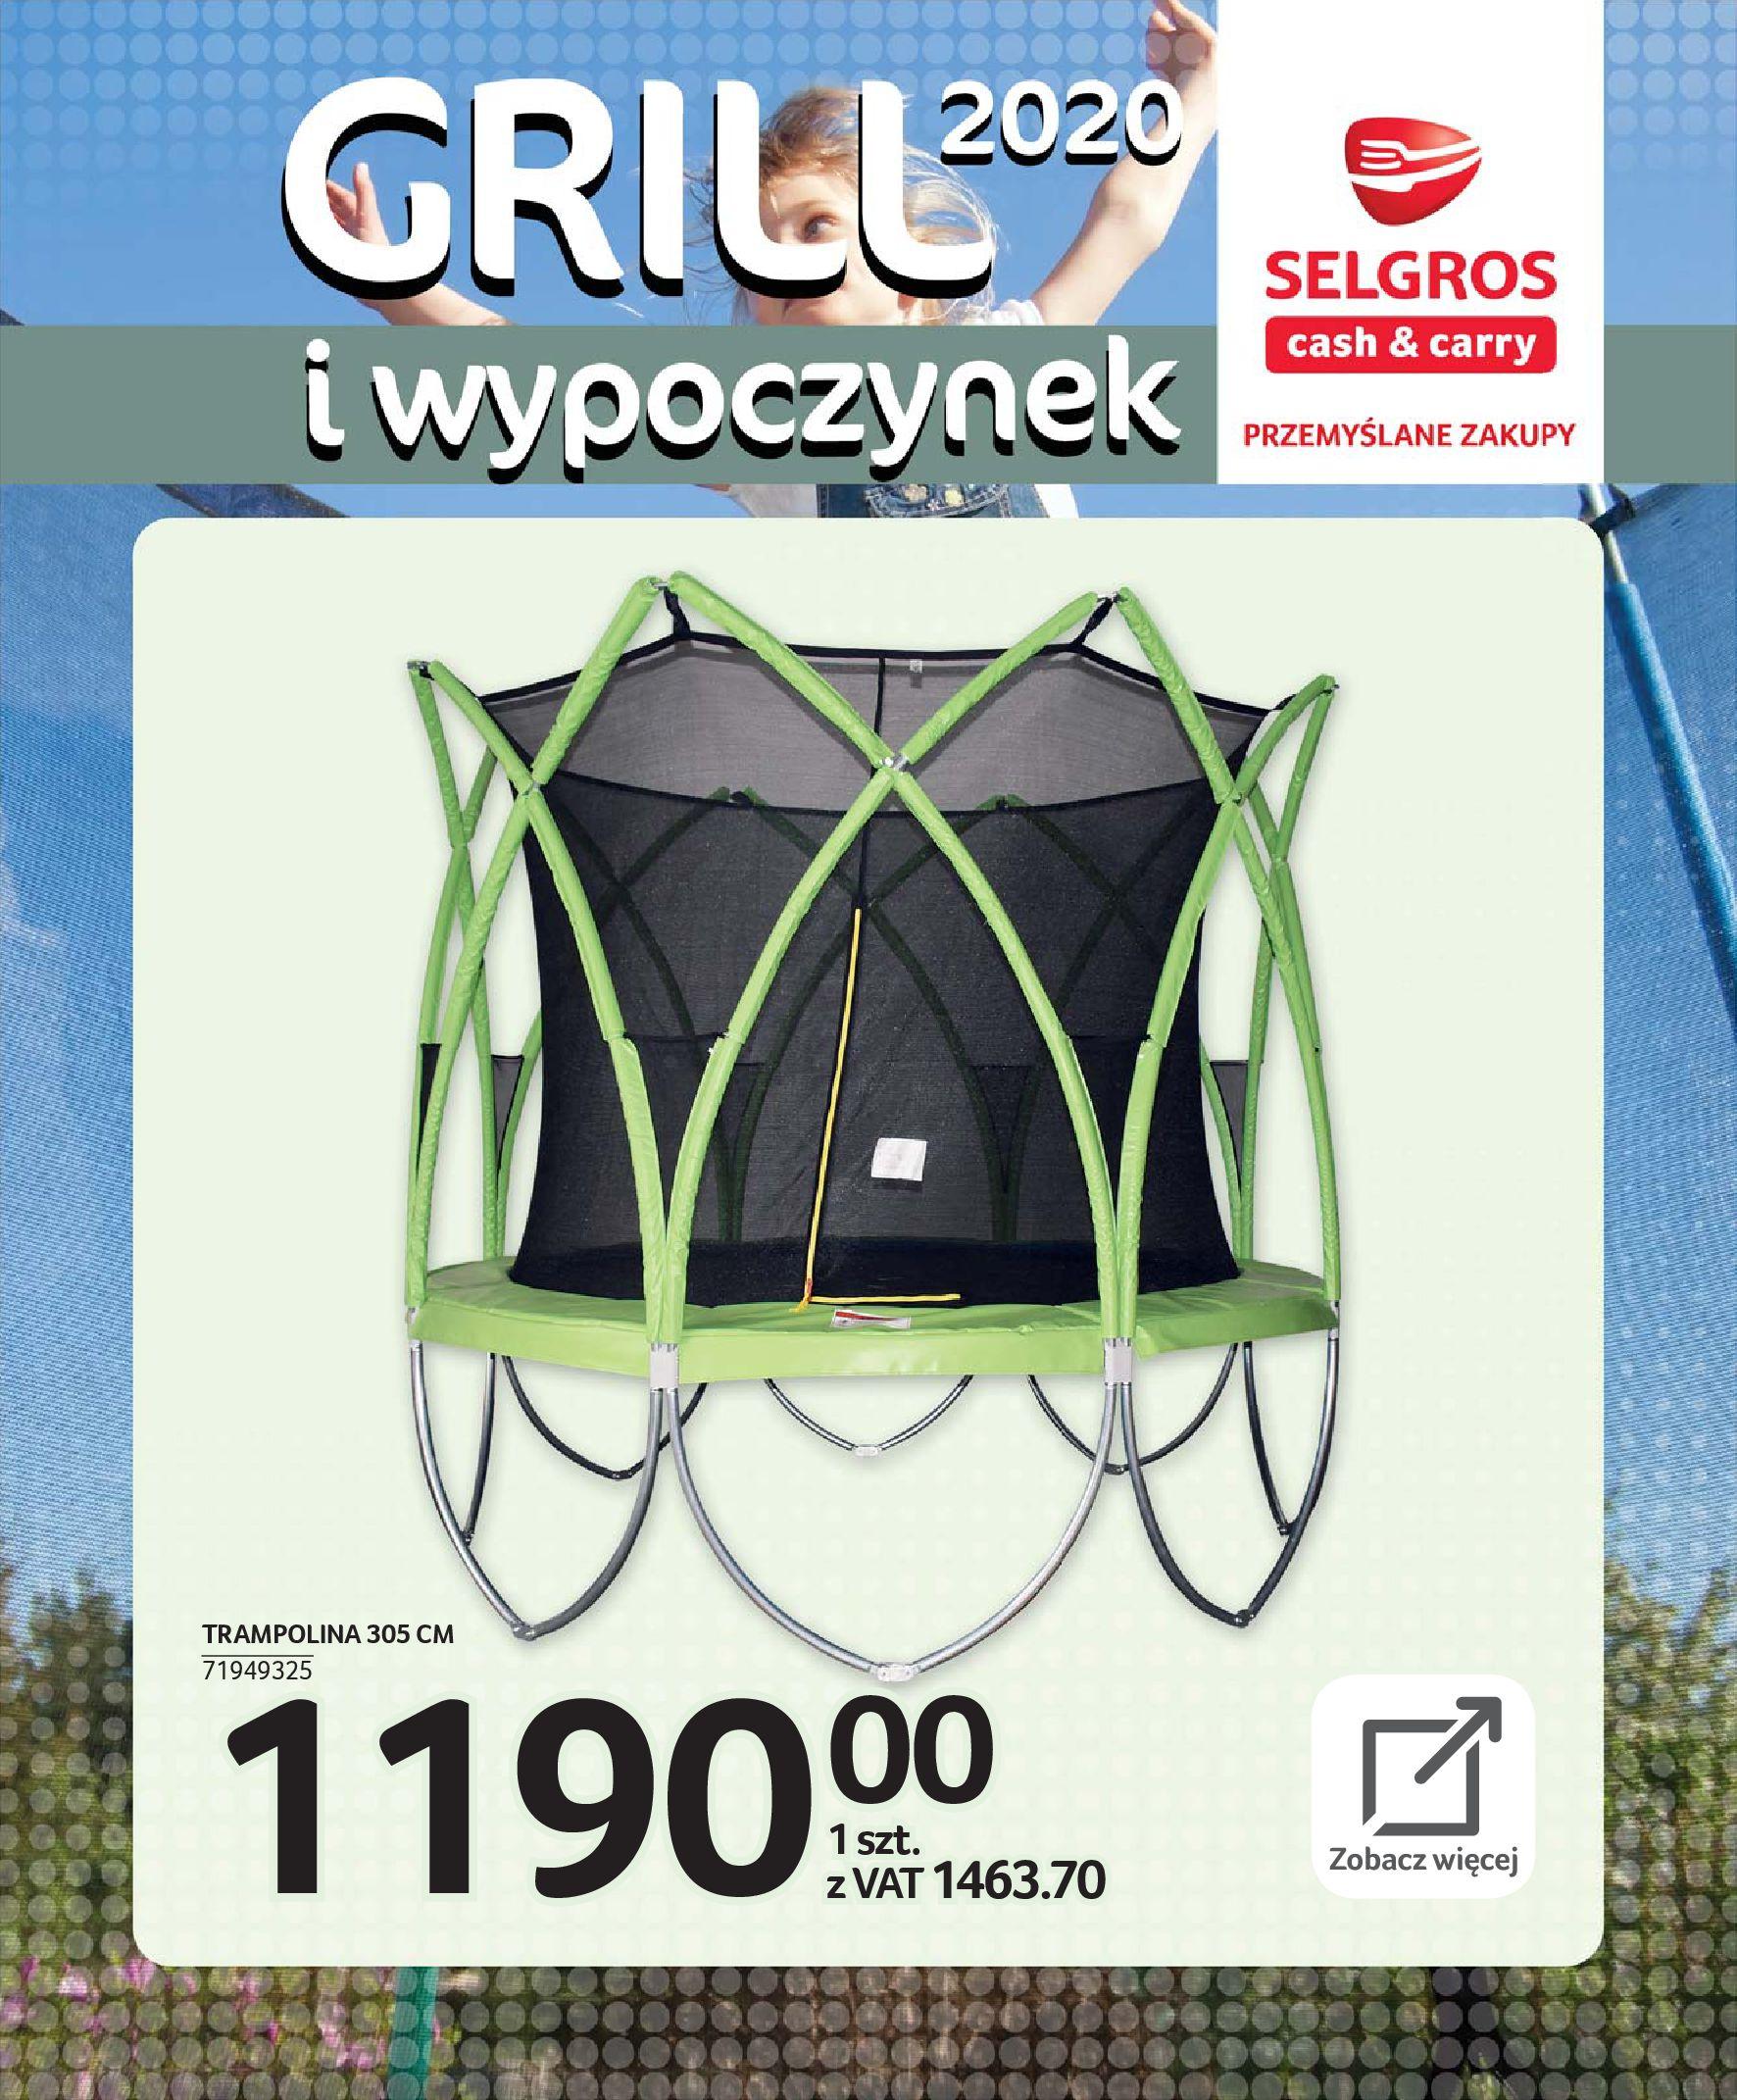 Gazetka Selgros - Katalog - Grill i wypoczynek-31.03.2020-31.08.2020-page-113